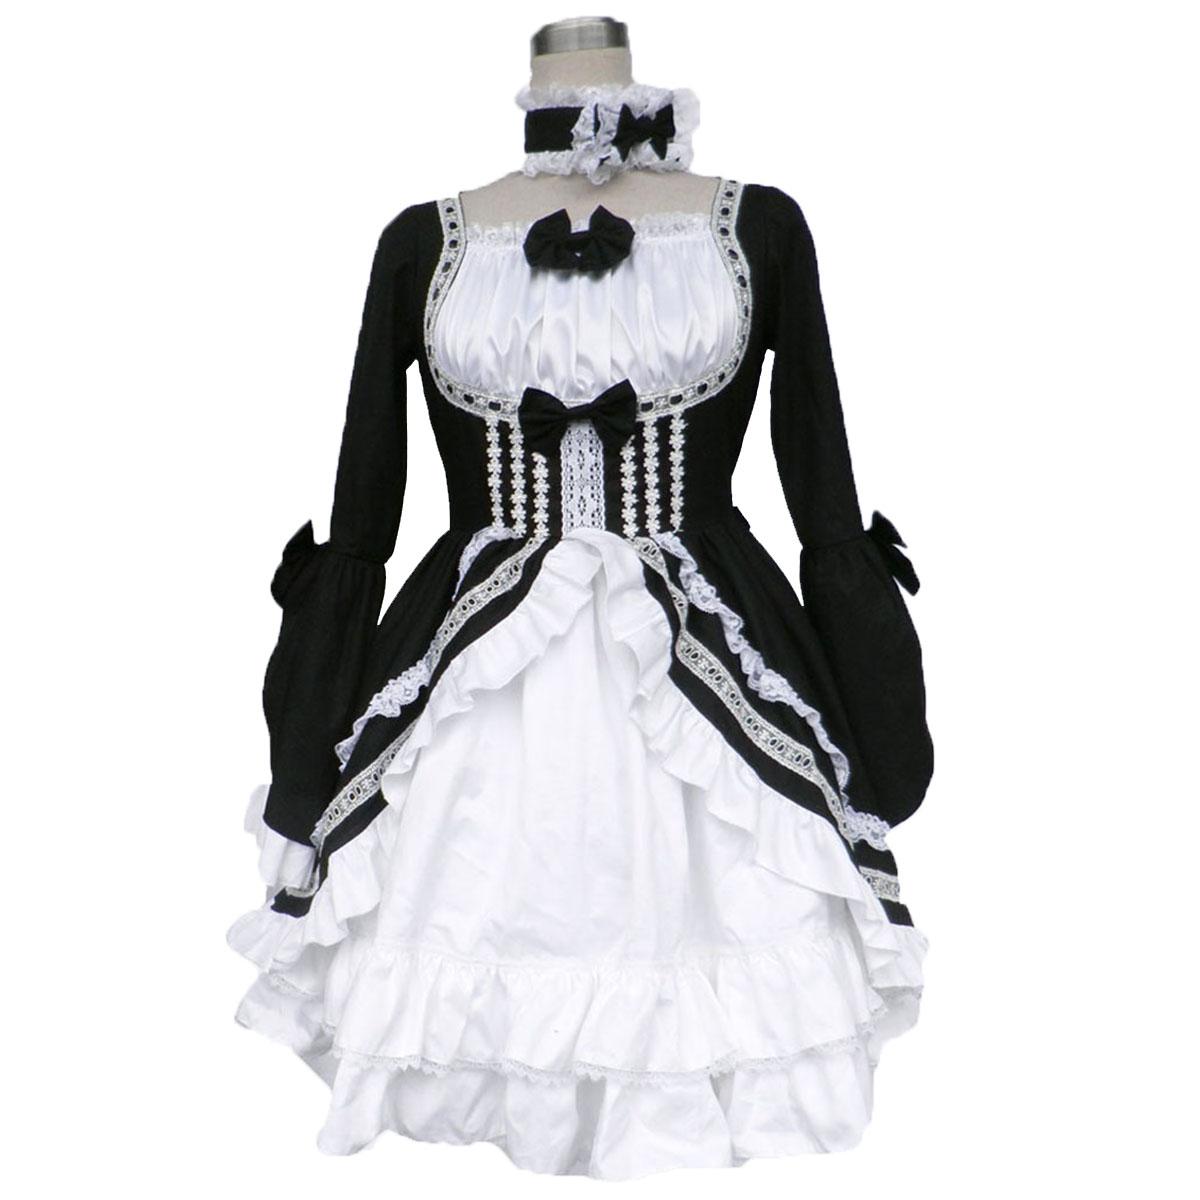 호화로운 로리타 문화 타이어 Sautoir 긴 드레스 코스프레 의상